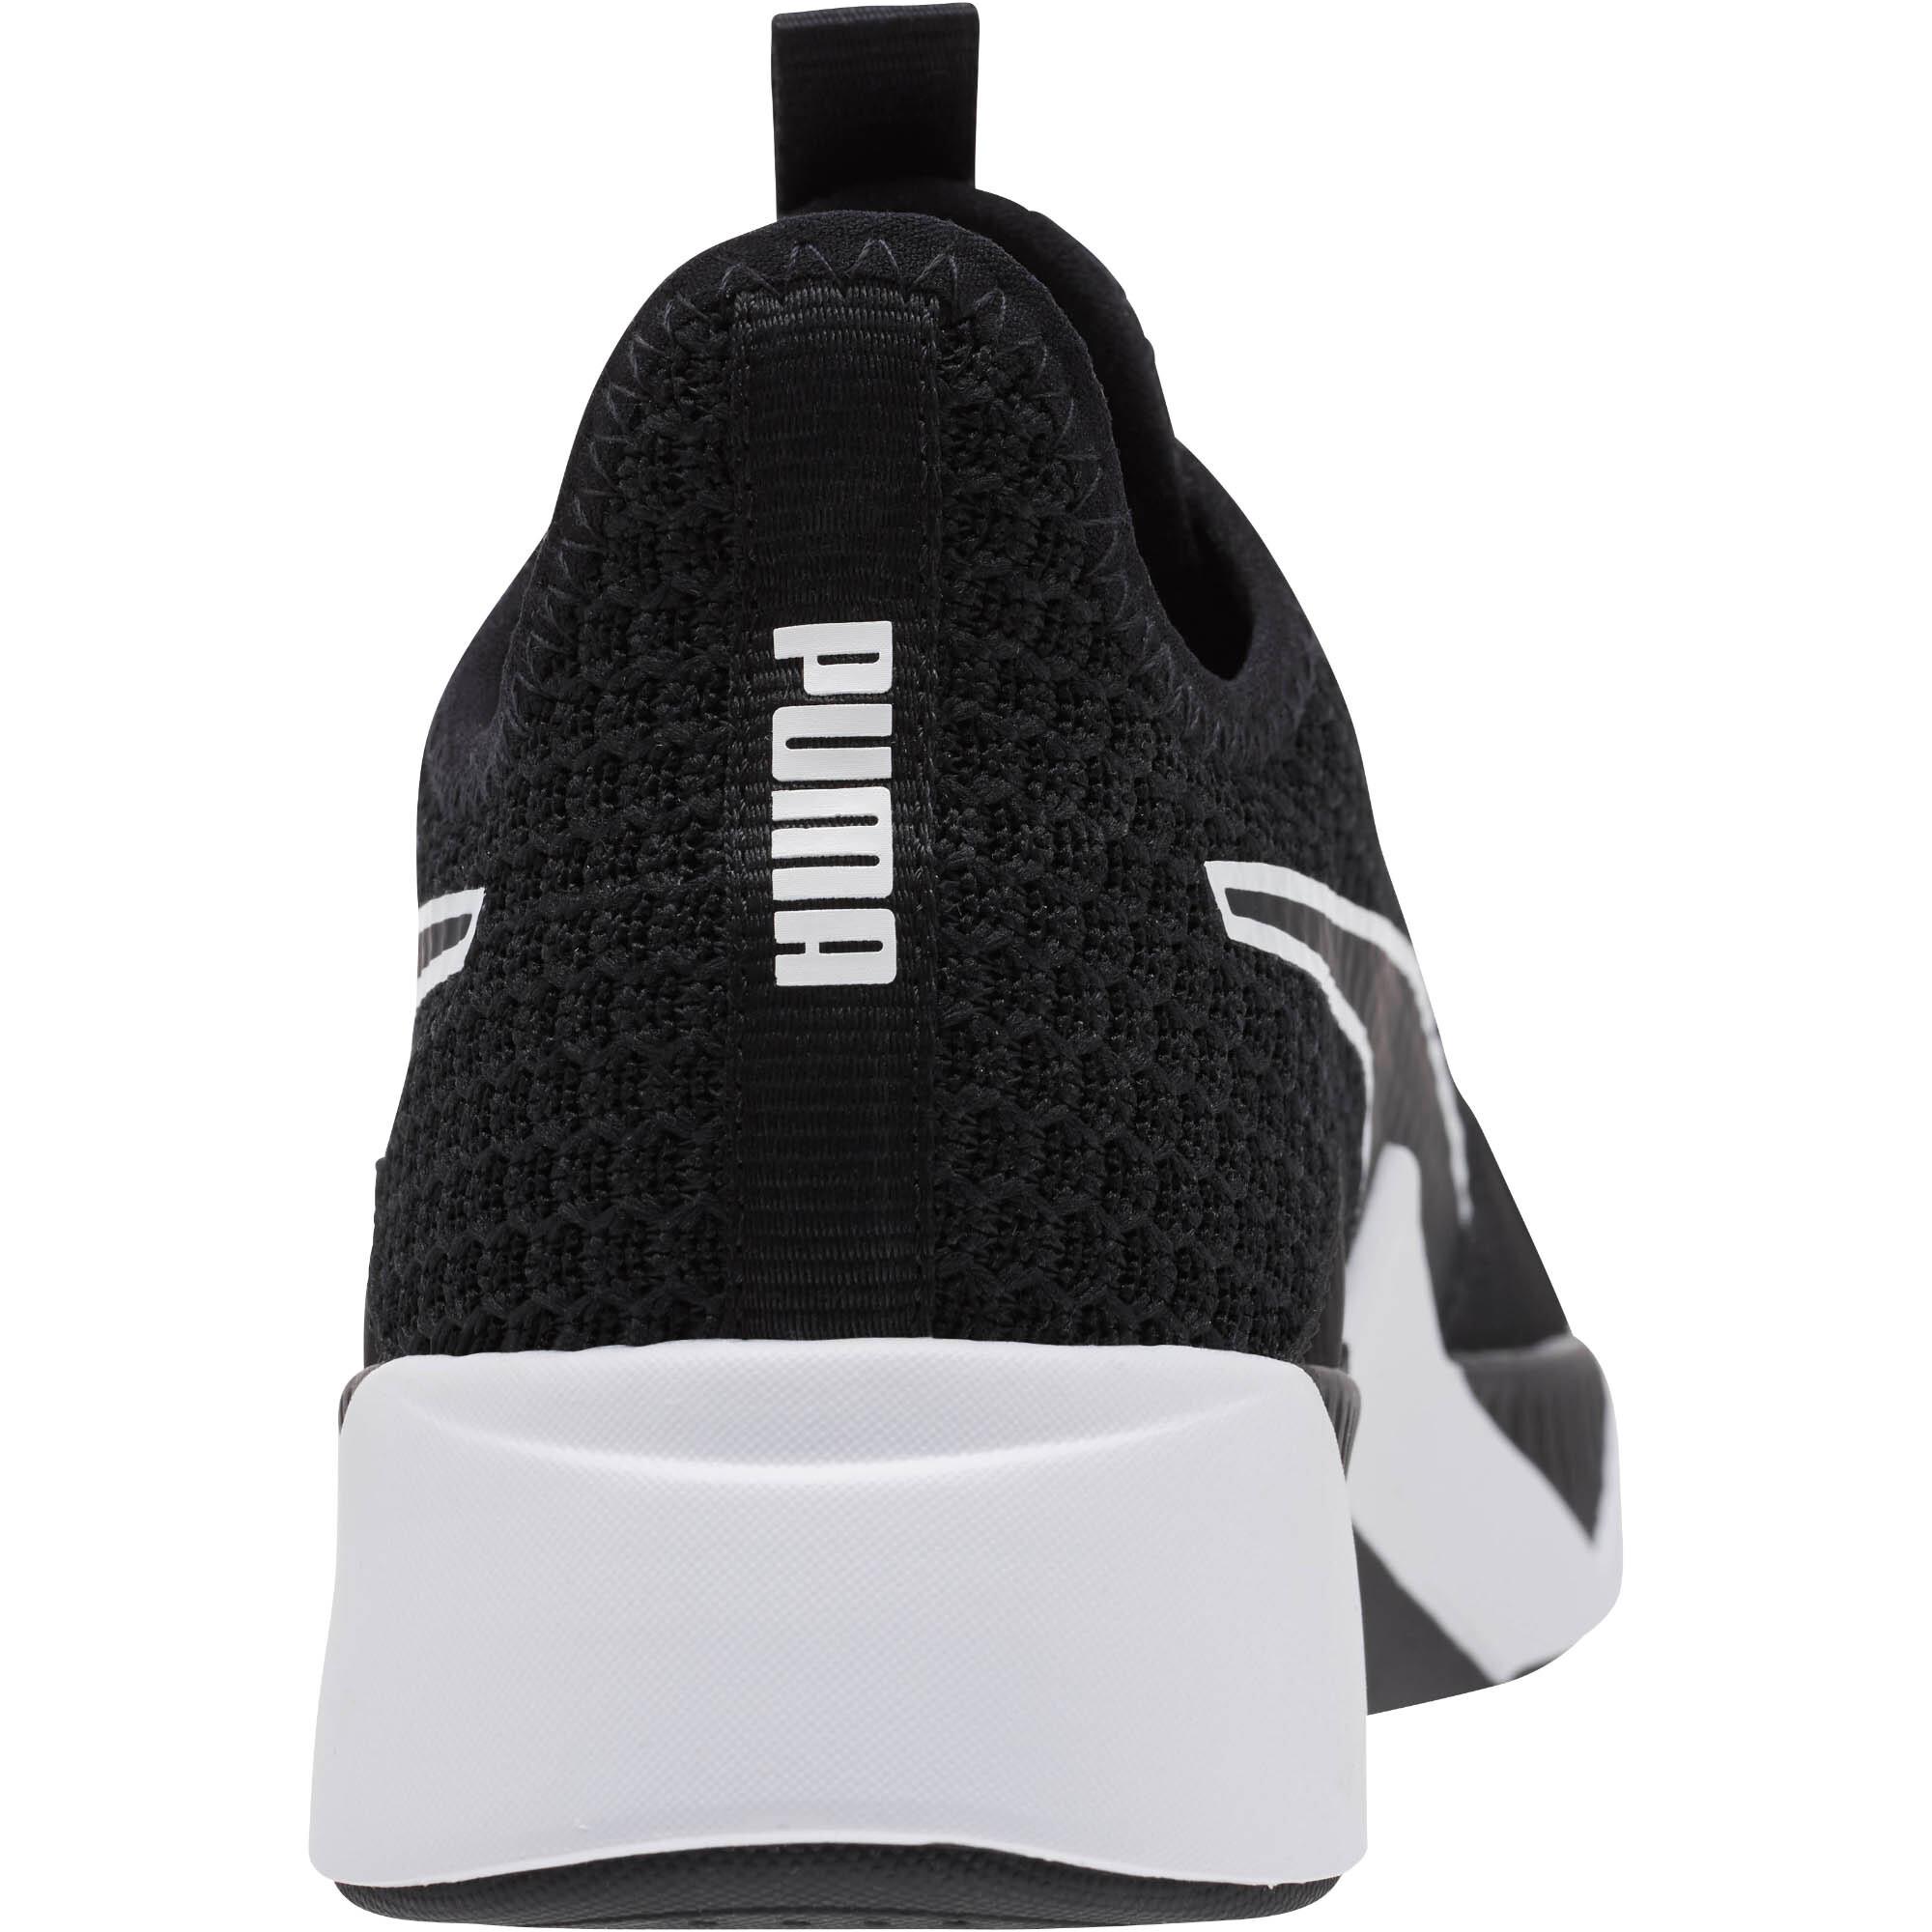 PUMA-Incite-FS-Women-039-s-Training-Shoes-Women-Shoe-Training thumbnail 8